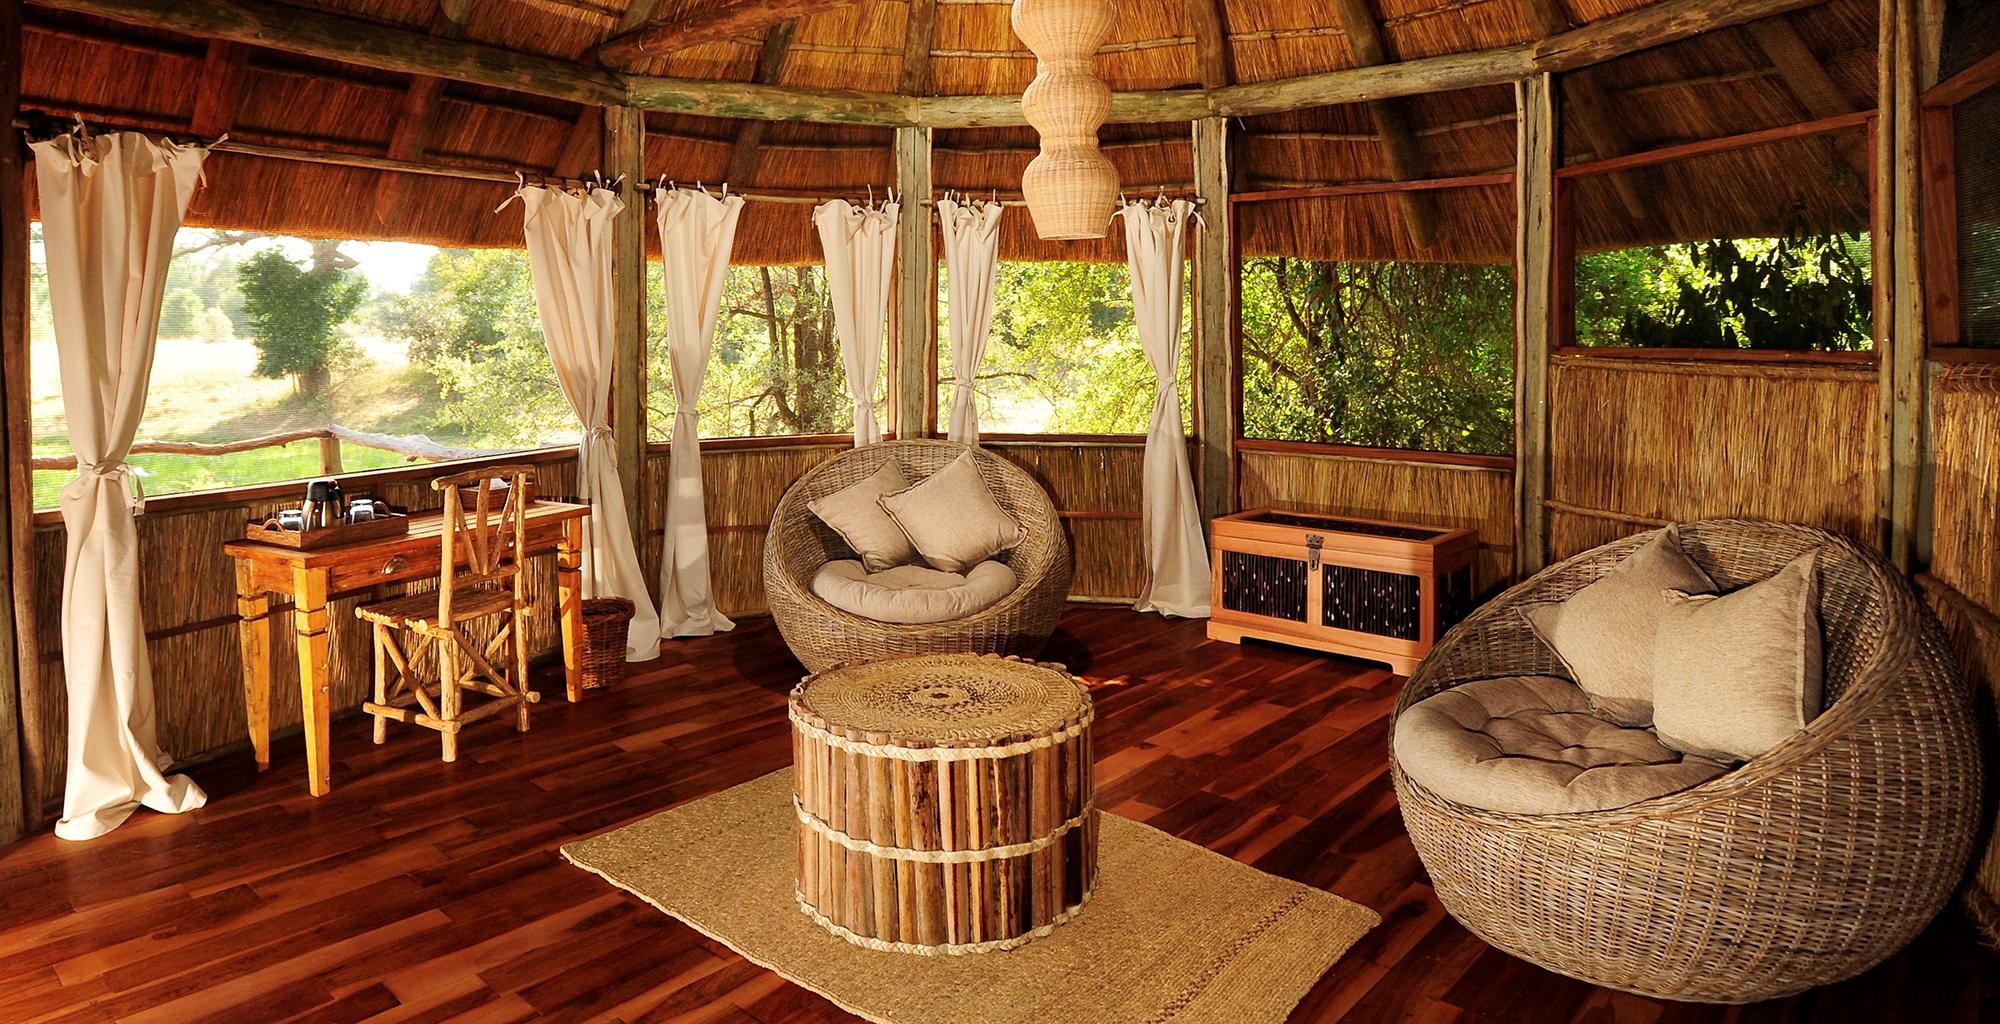 Zambia-Bilimungwe-Bushcamp-Lounge